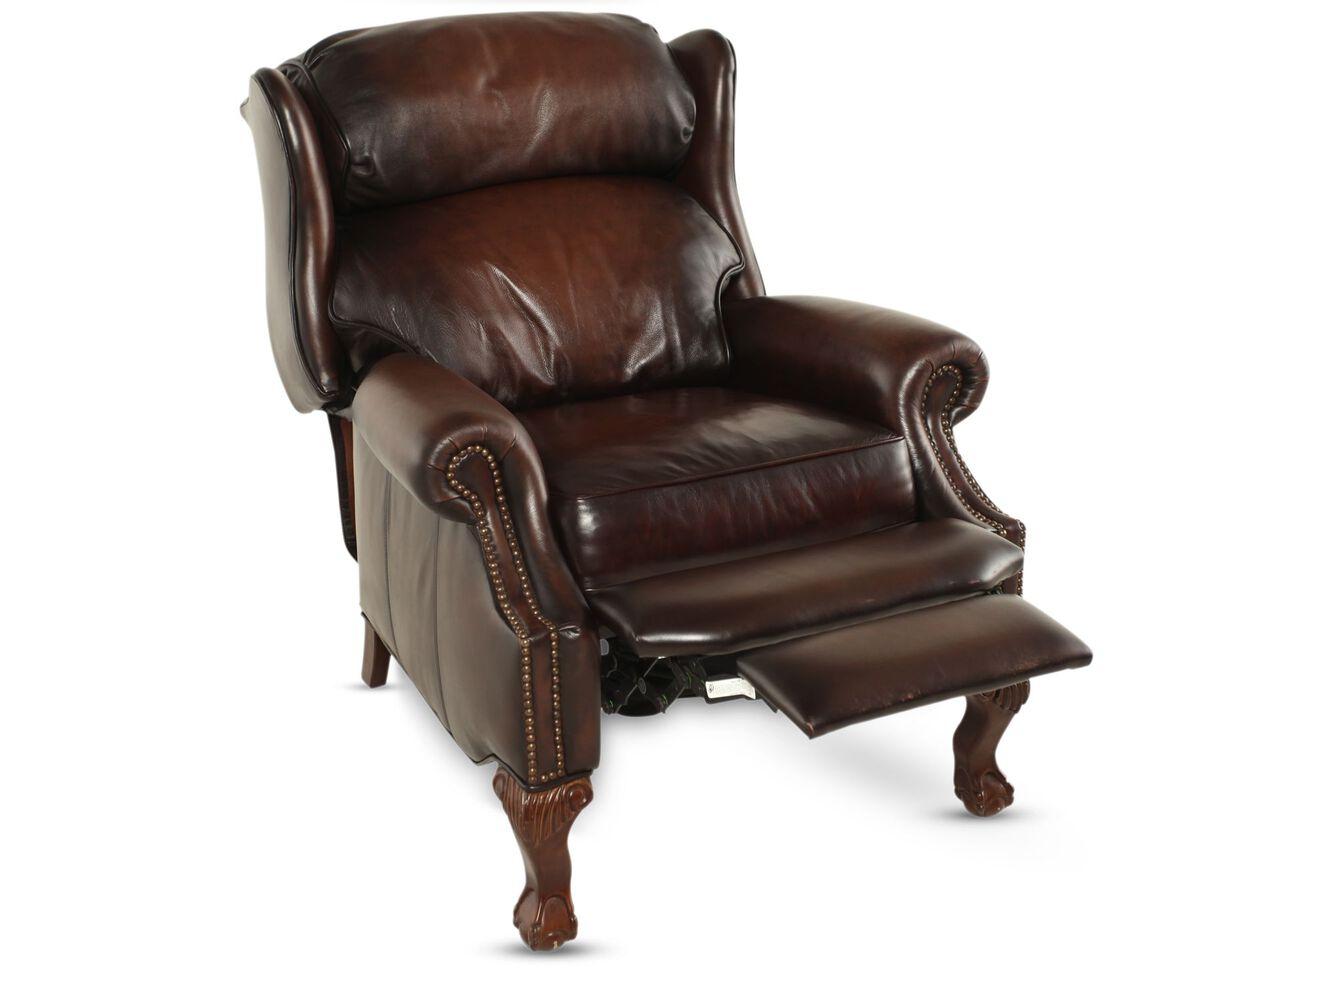 Wing chair bernhardt -  Bernhardt Briggs Leather Recliner